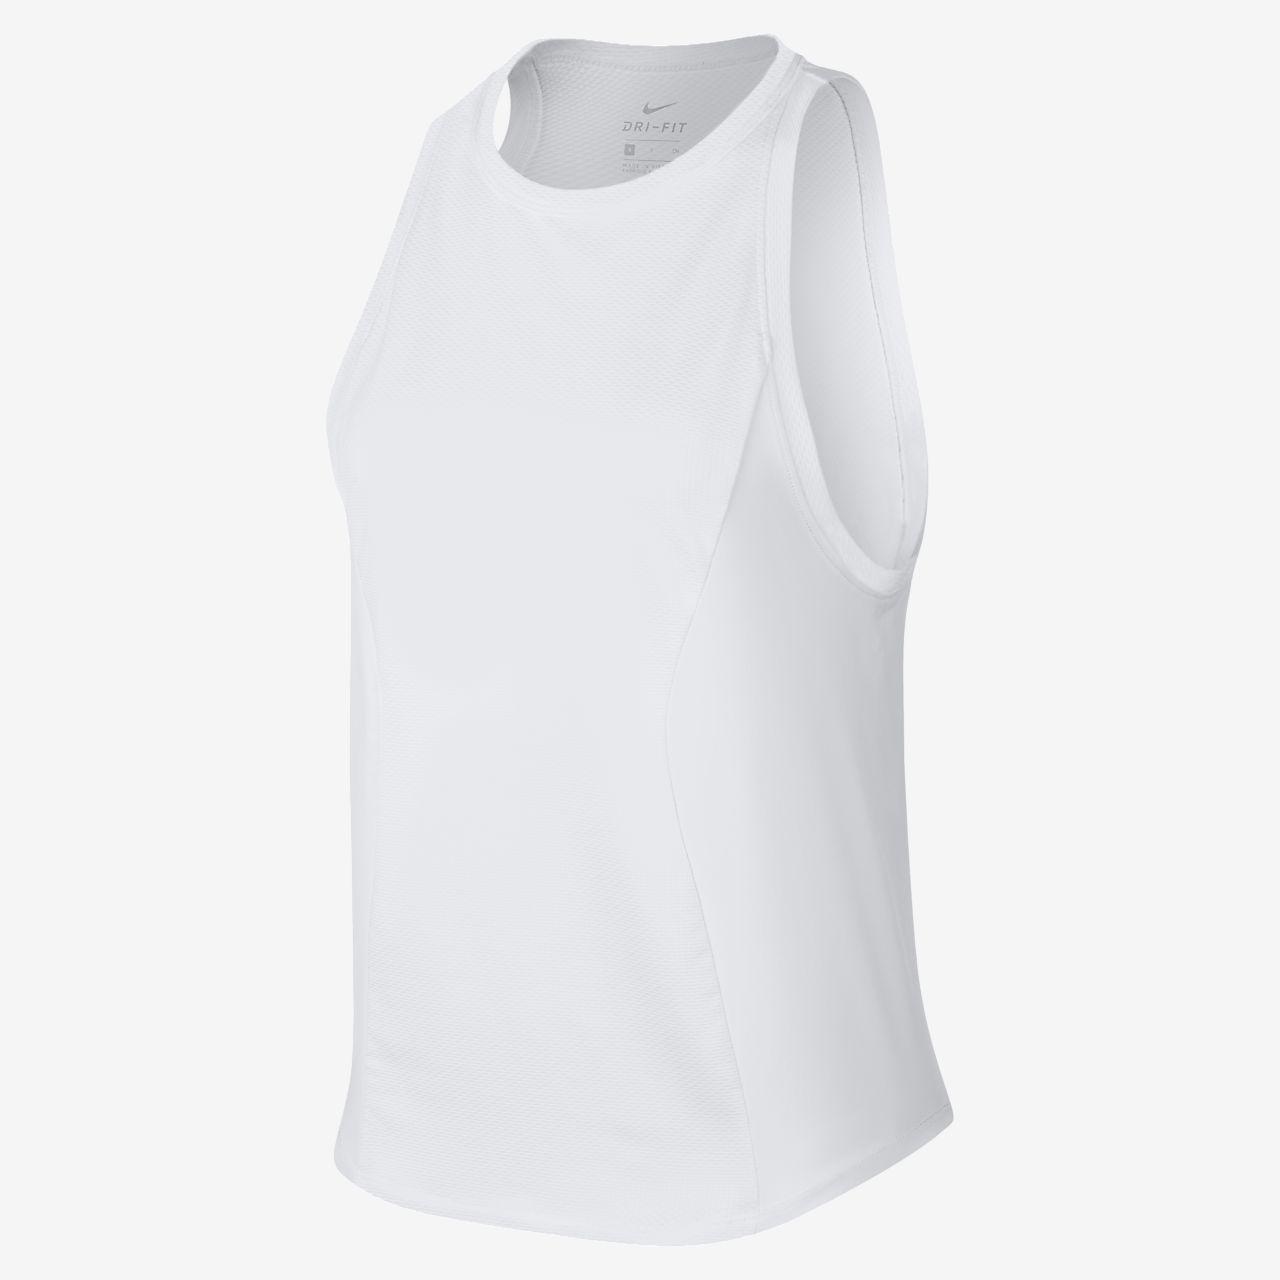 01e194e726516 Débardeur de training Nike pour Femme. Nike.com MA